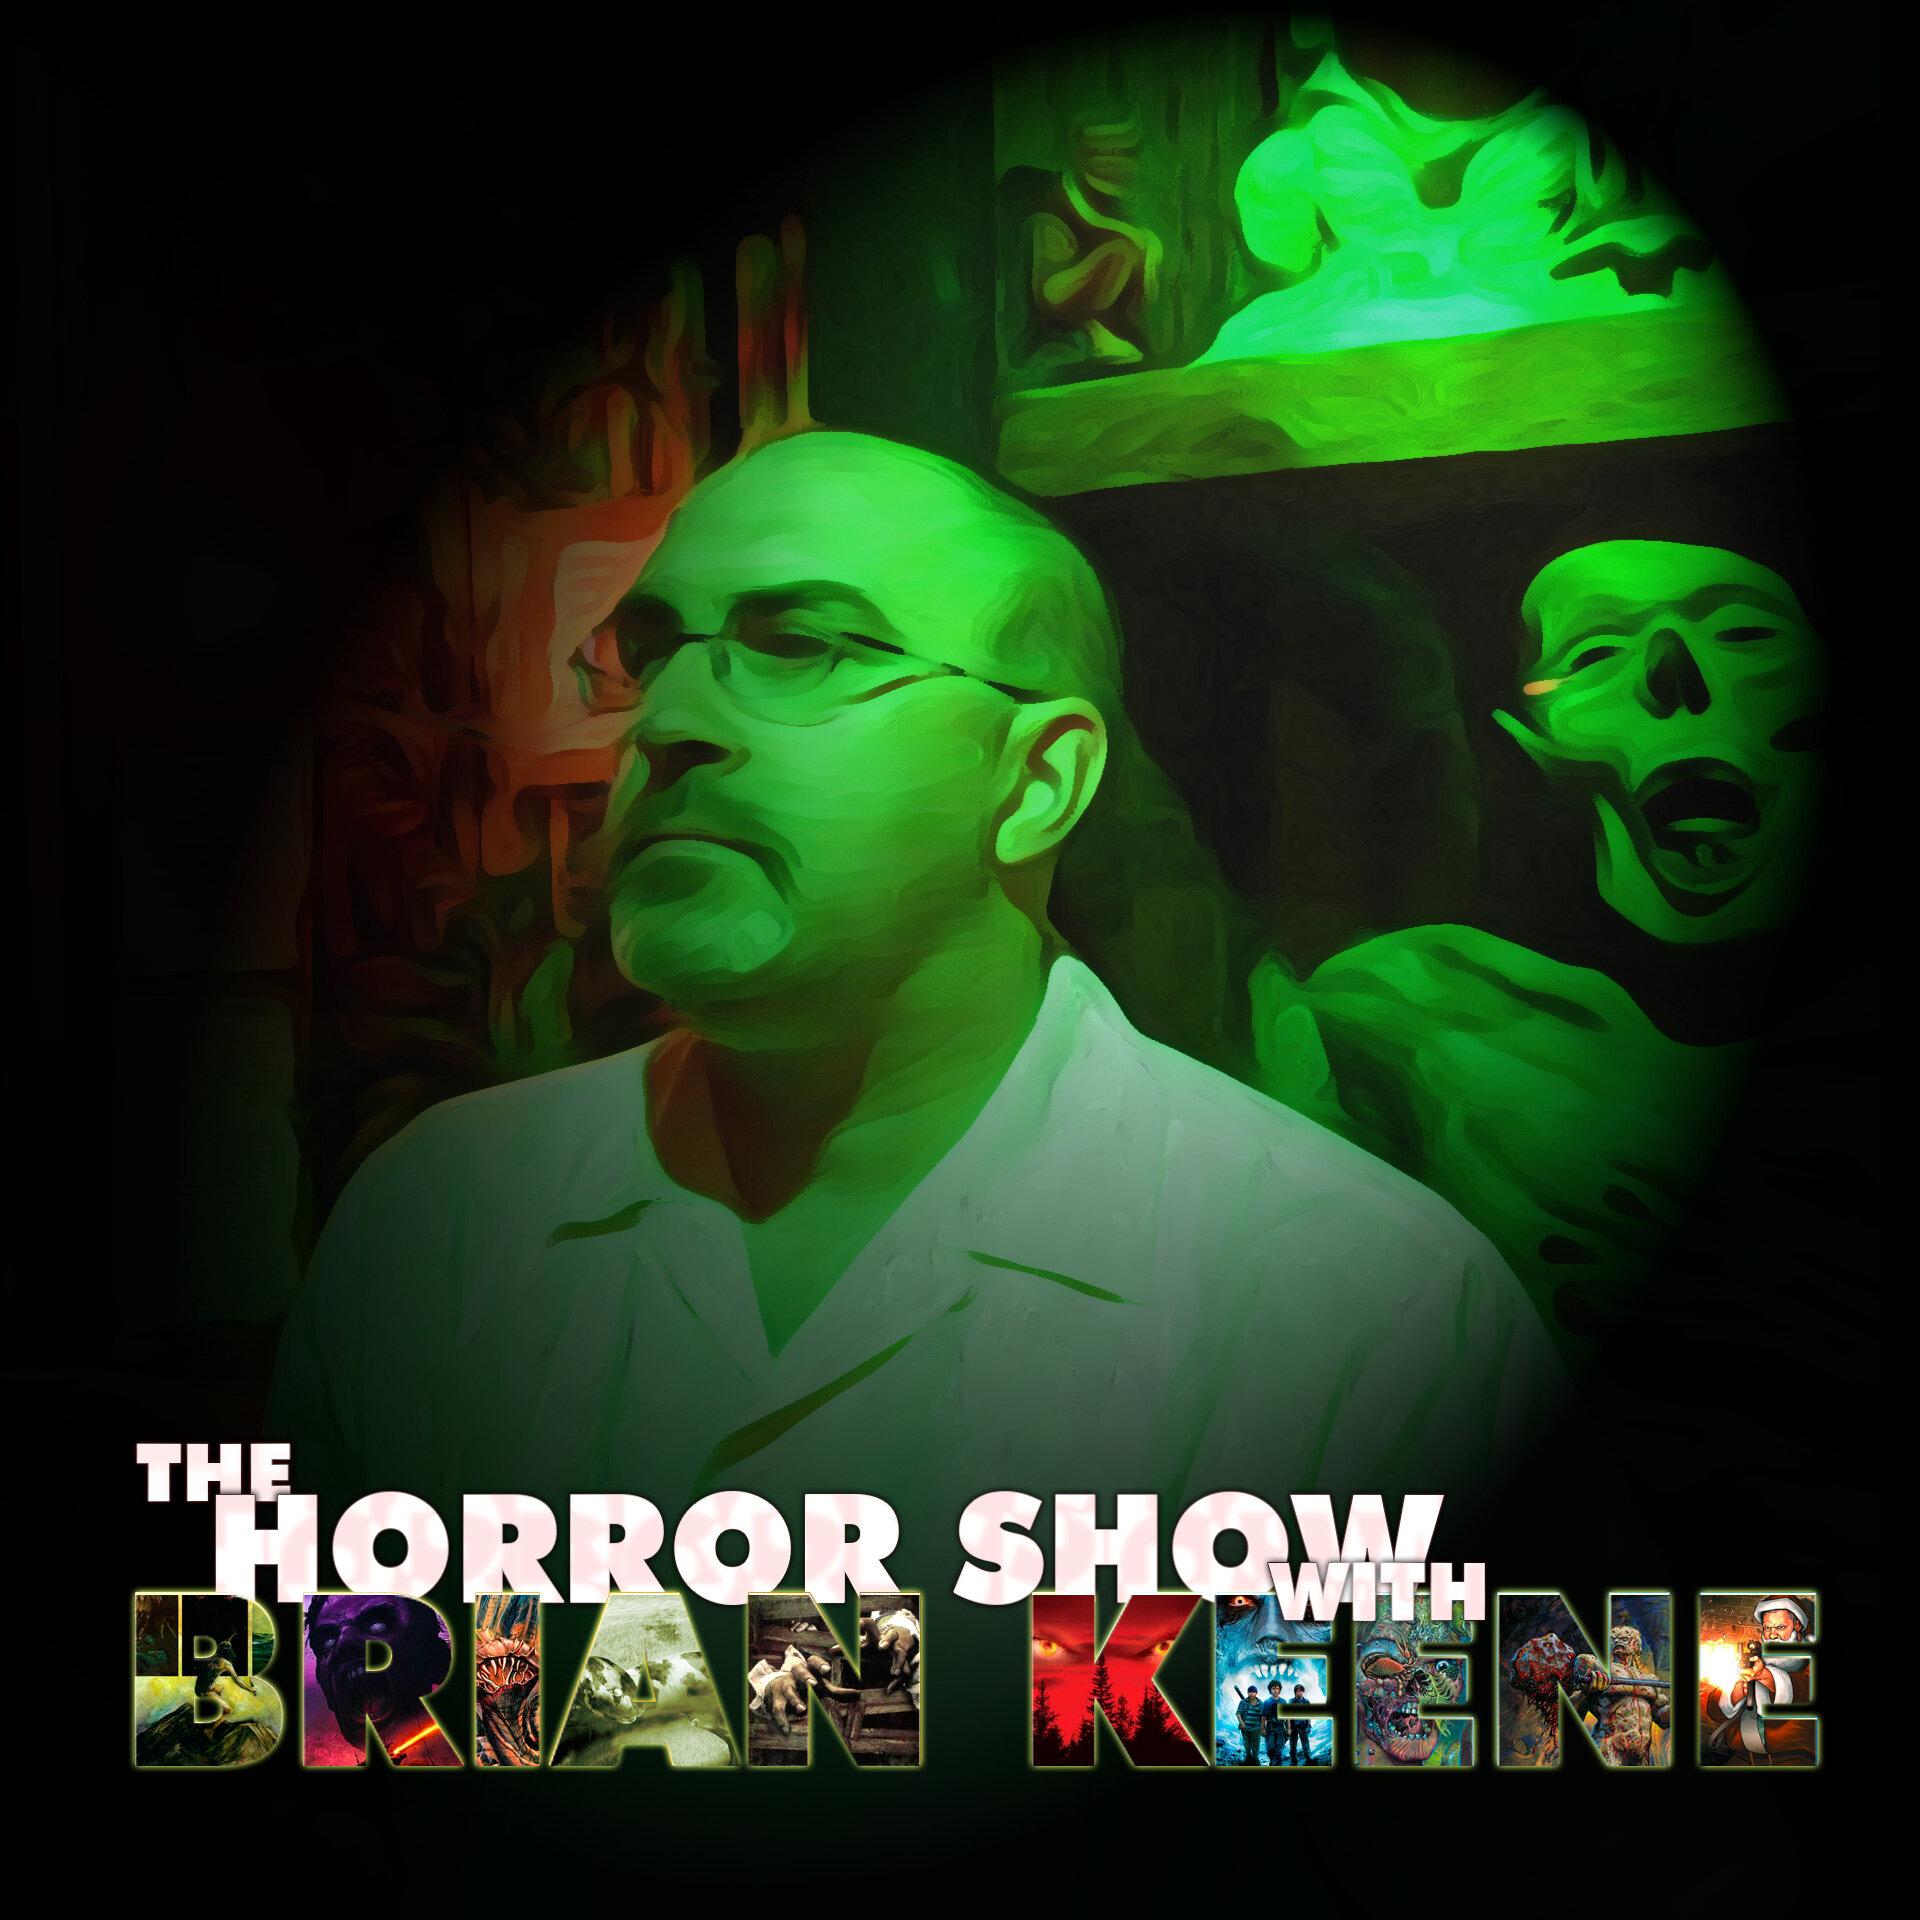 keene_horrorshow_podcast-cover.jpg